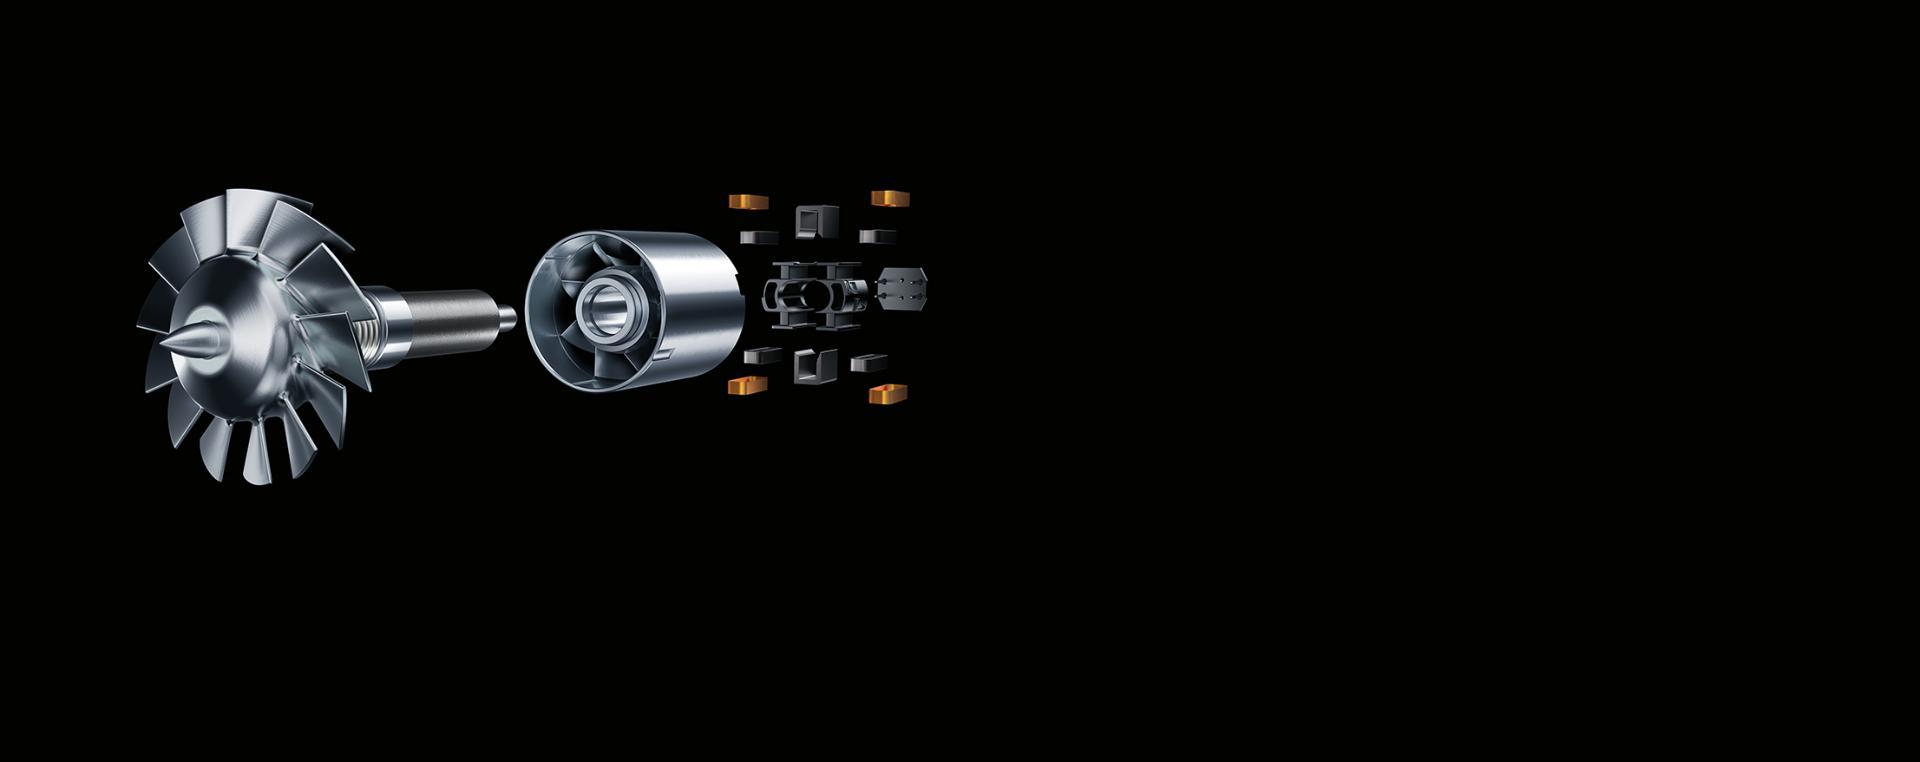 다이슨 디지털 모터 V9의 확대 이미지